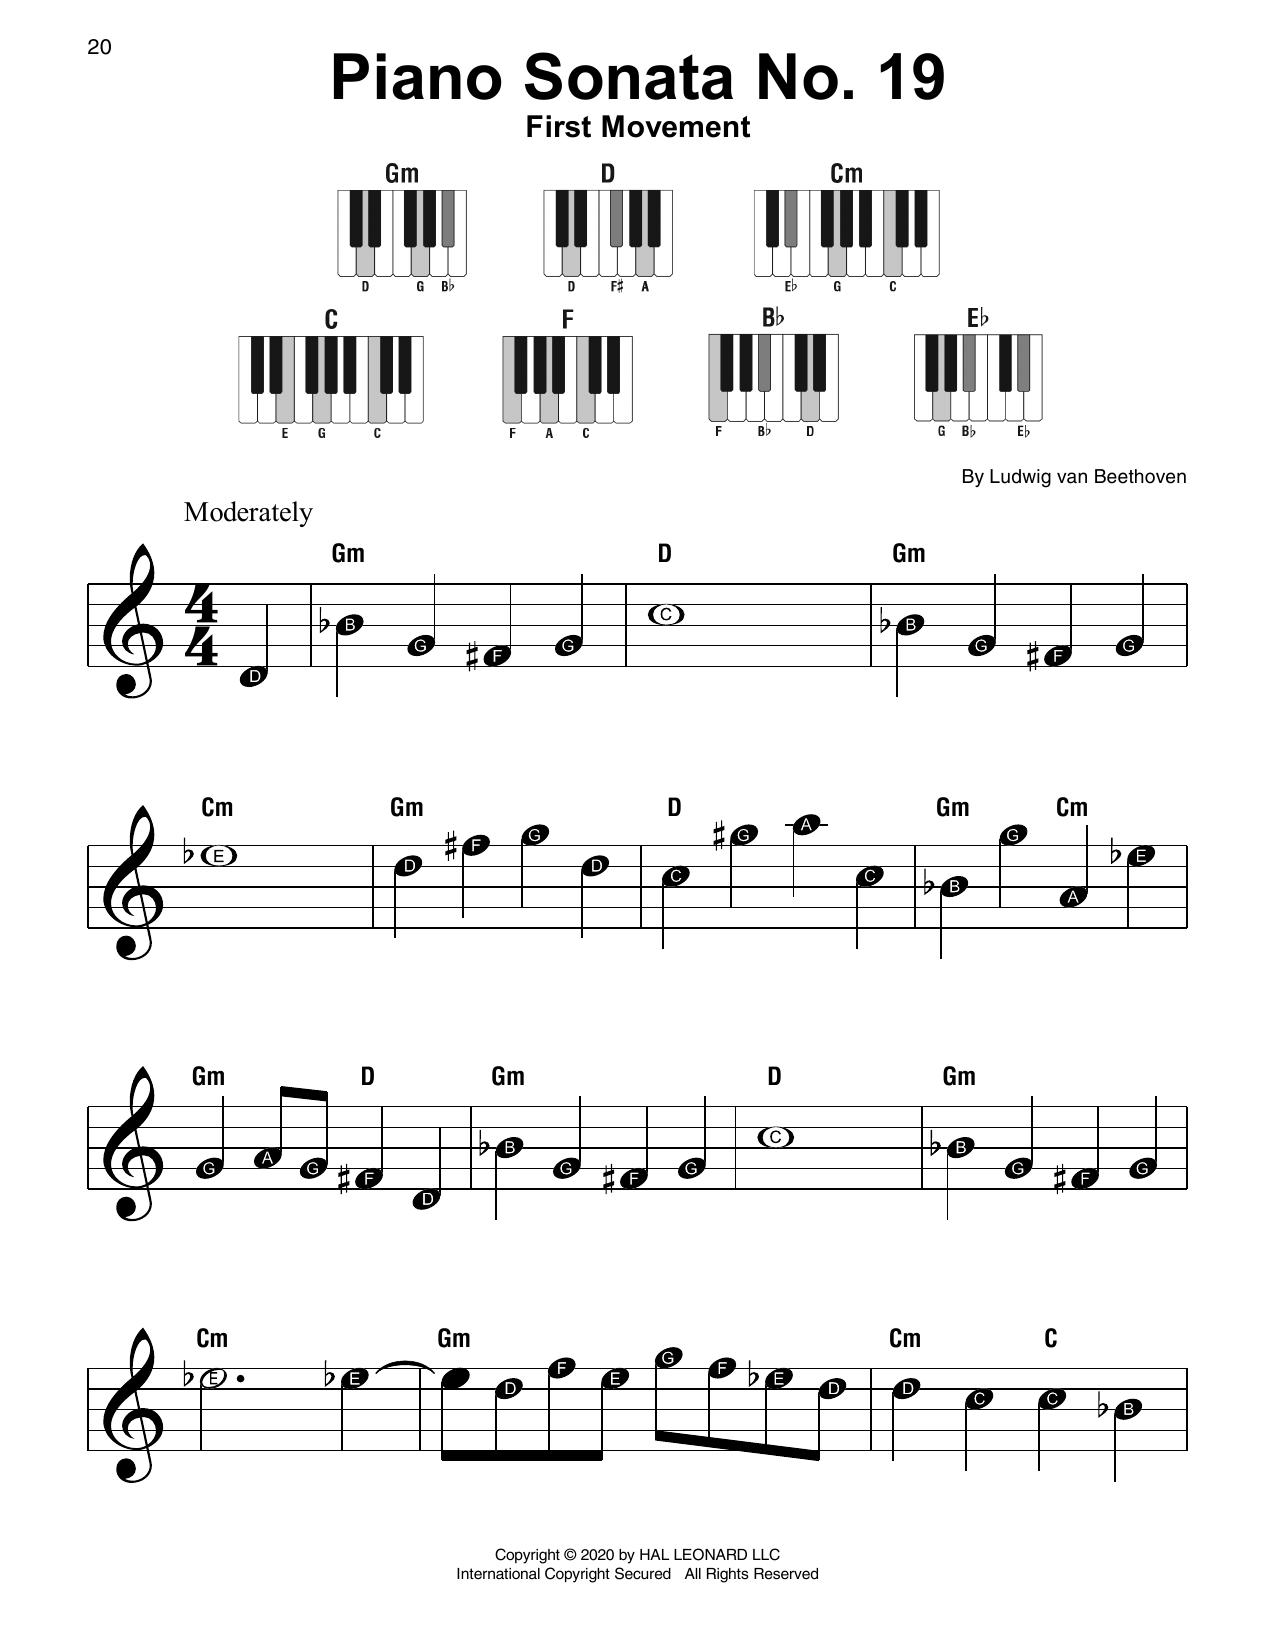 Piano Sonata No. 19, First Movement (Super Easy Piano)